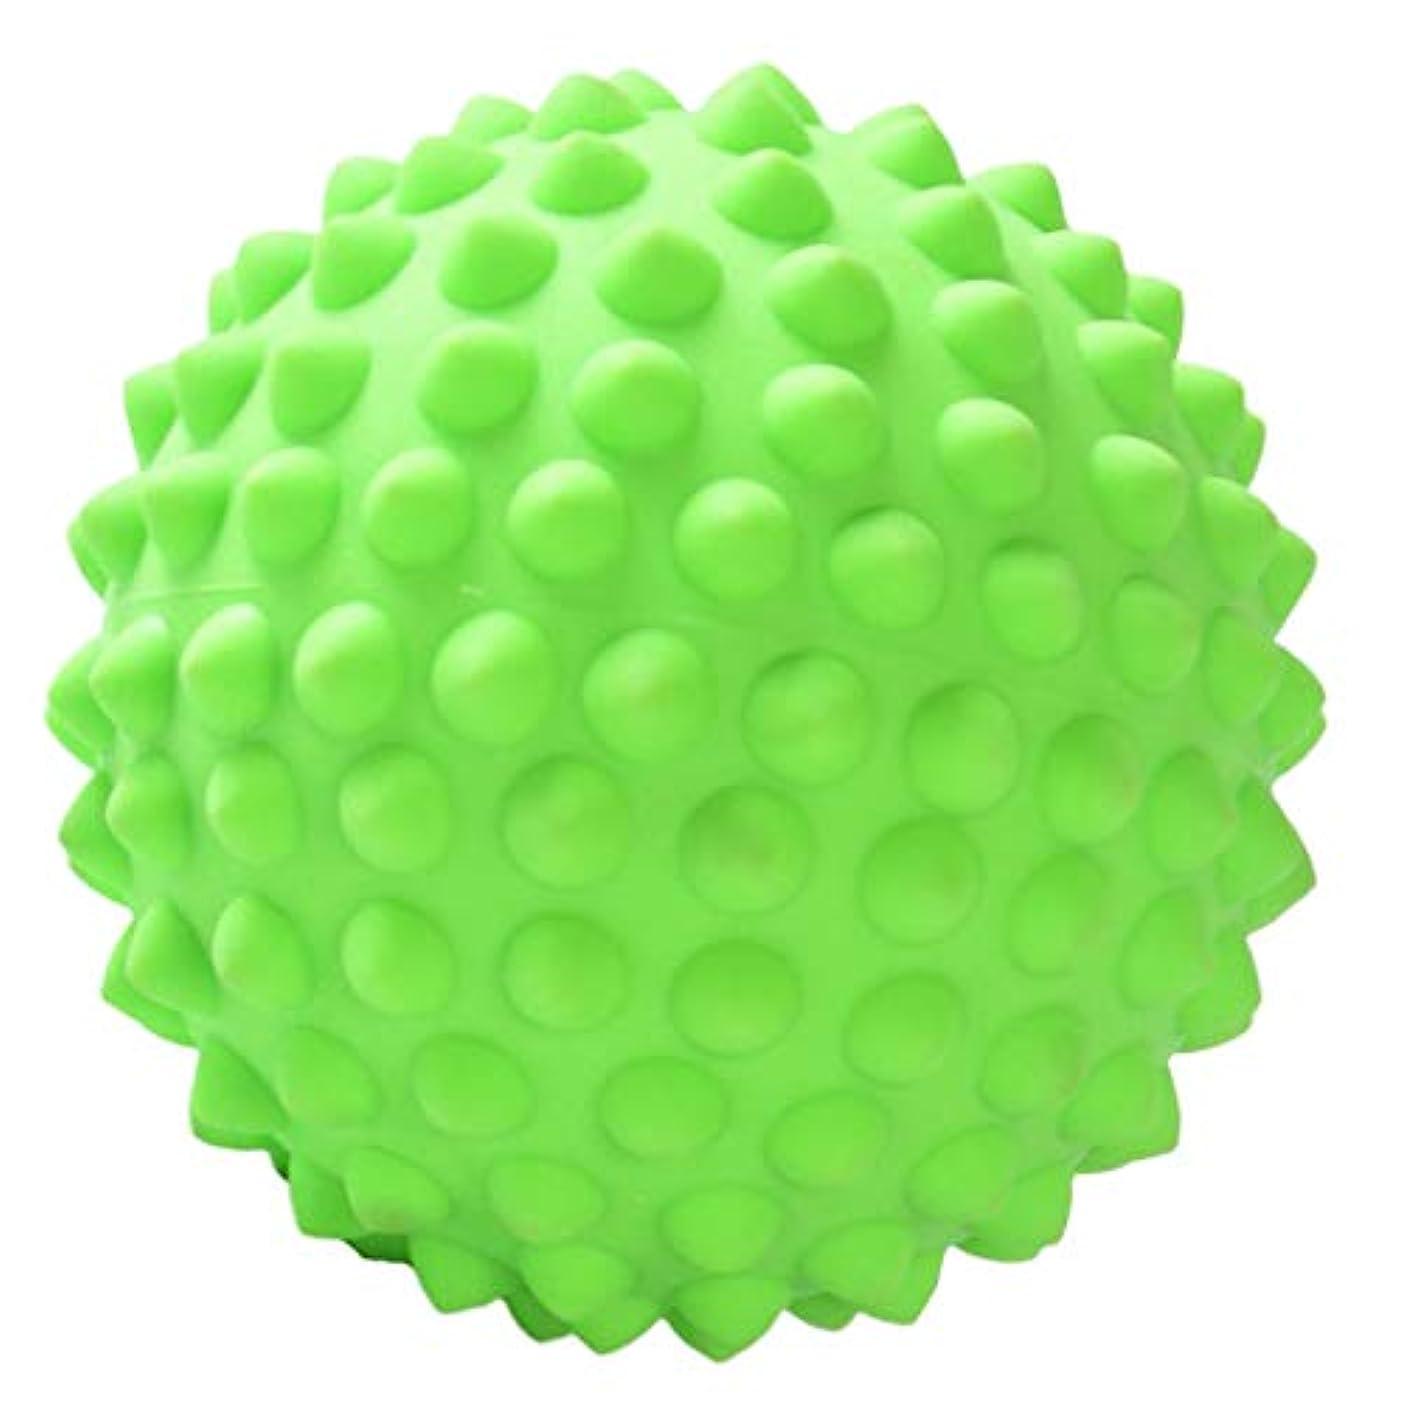 安全なぬれた慎重にBaoblaze マッサージボール 約9 cm ツボ押し ジム オフィス 自宅用 3色選べ - 緑, 説明のとおり